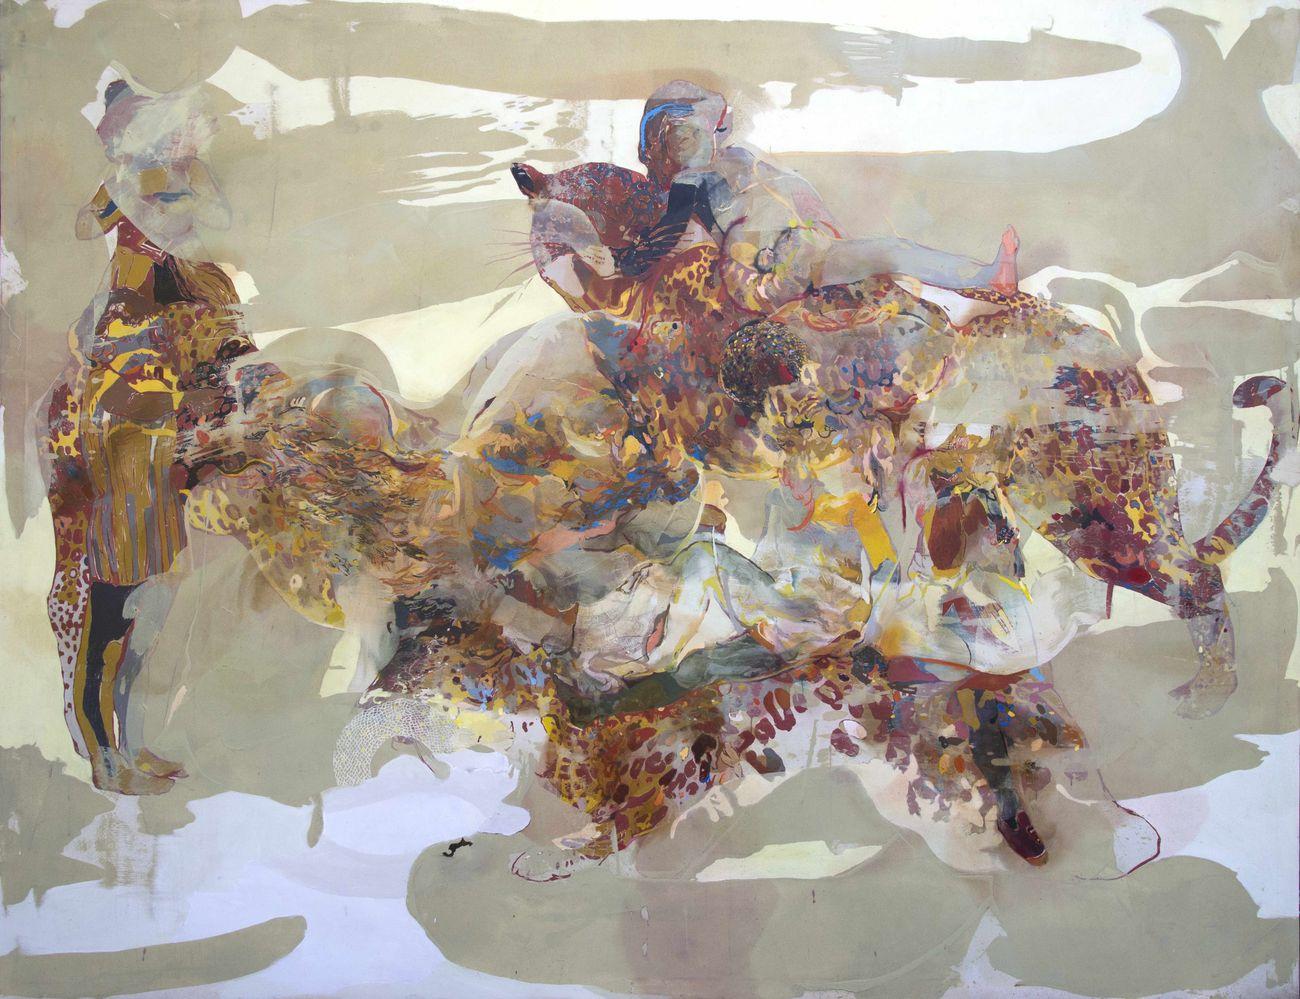 Marta Spagnoli, Fiera dei sensi, 2018, acrilico e olio su tela, 200x250 cm. Courtesy l'artista